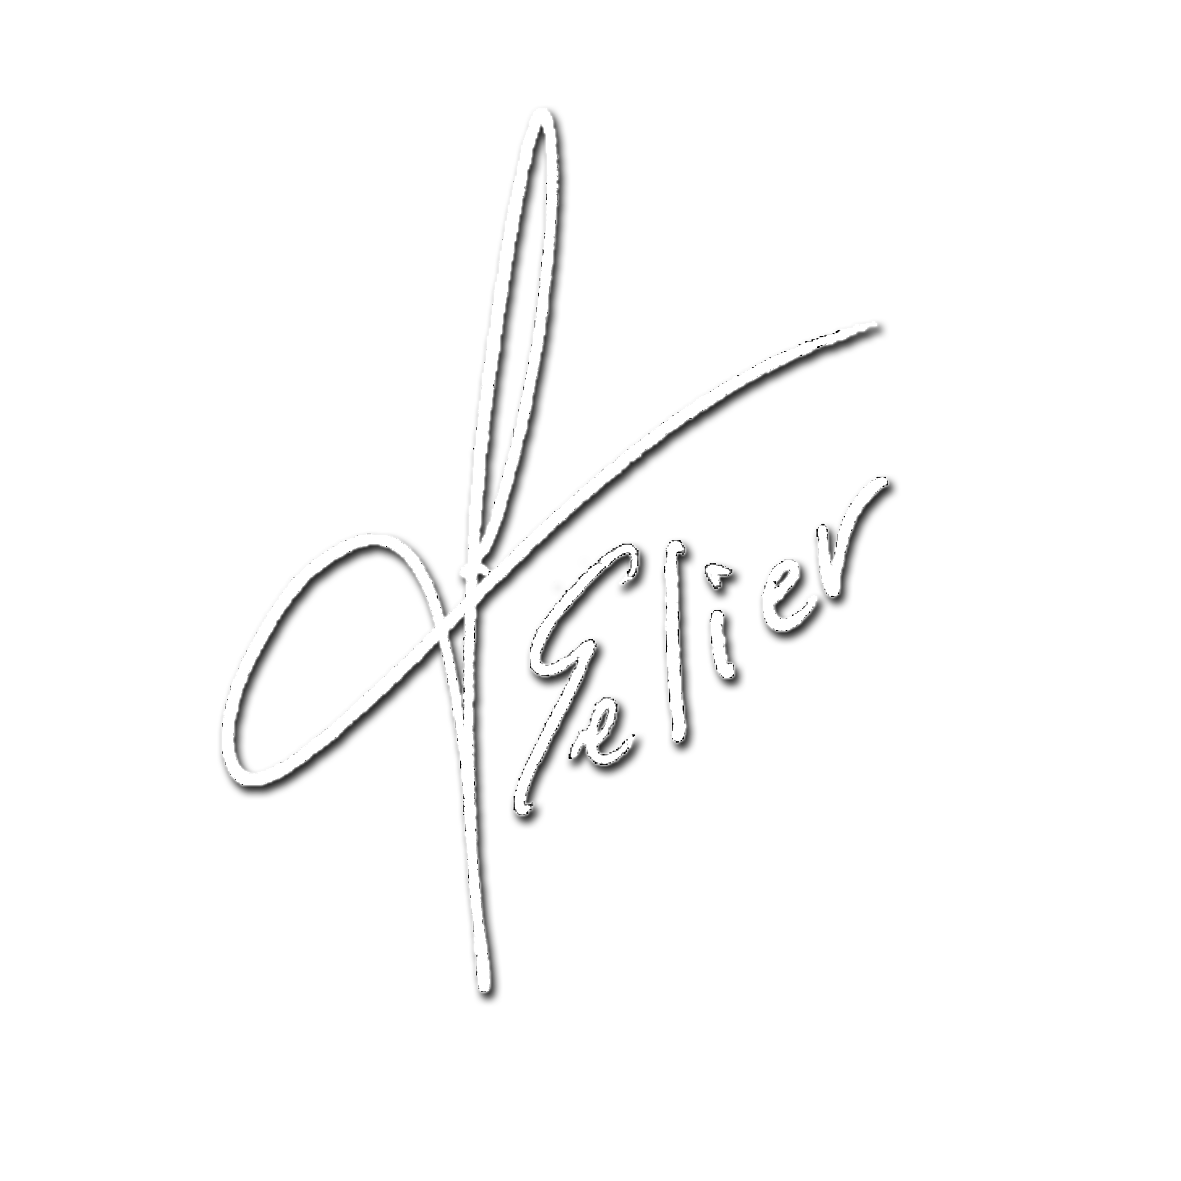 Francis selier une signature d'une grande qualité